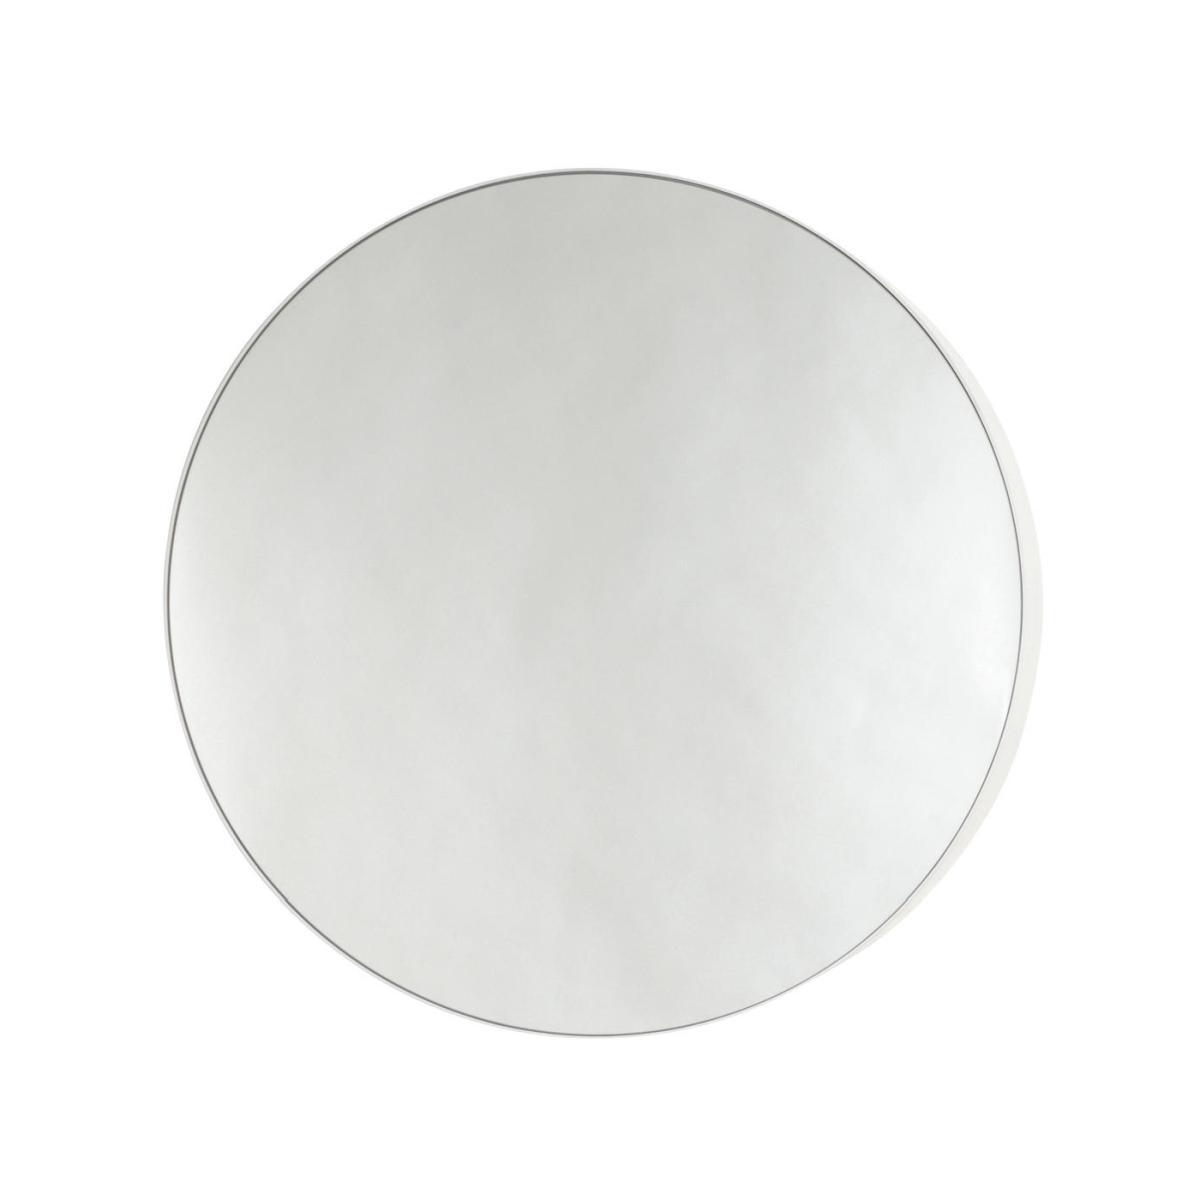 EPOCA Spiegel 70 cm Durchmesser lackiert nach Wunsch